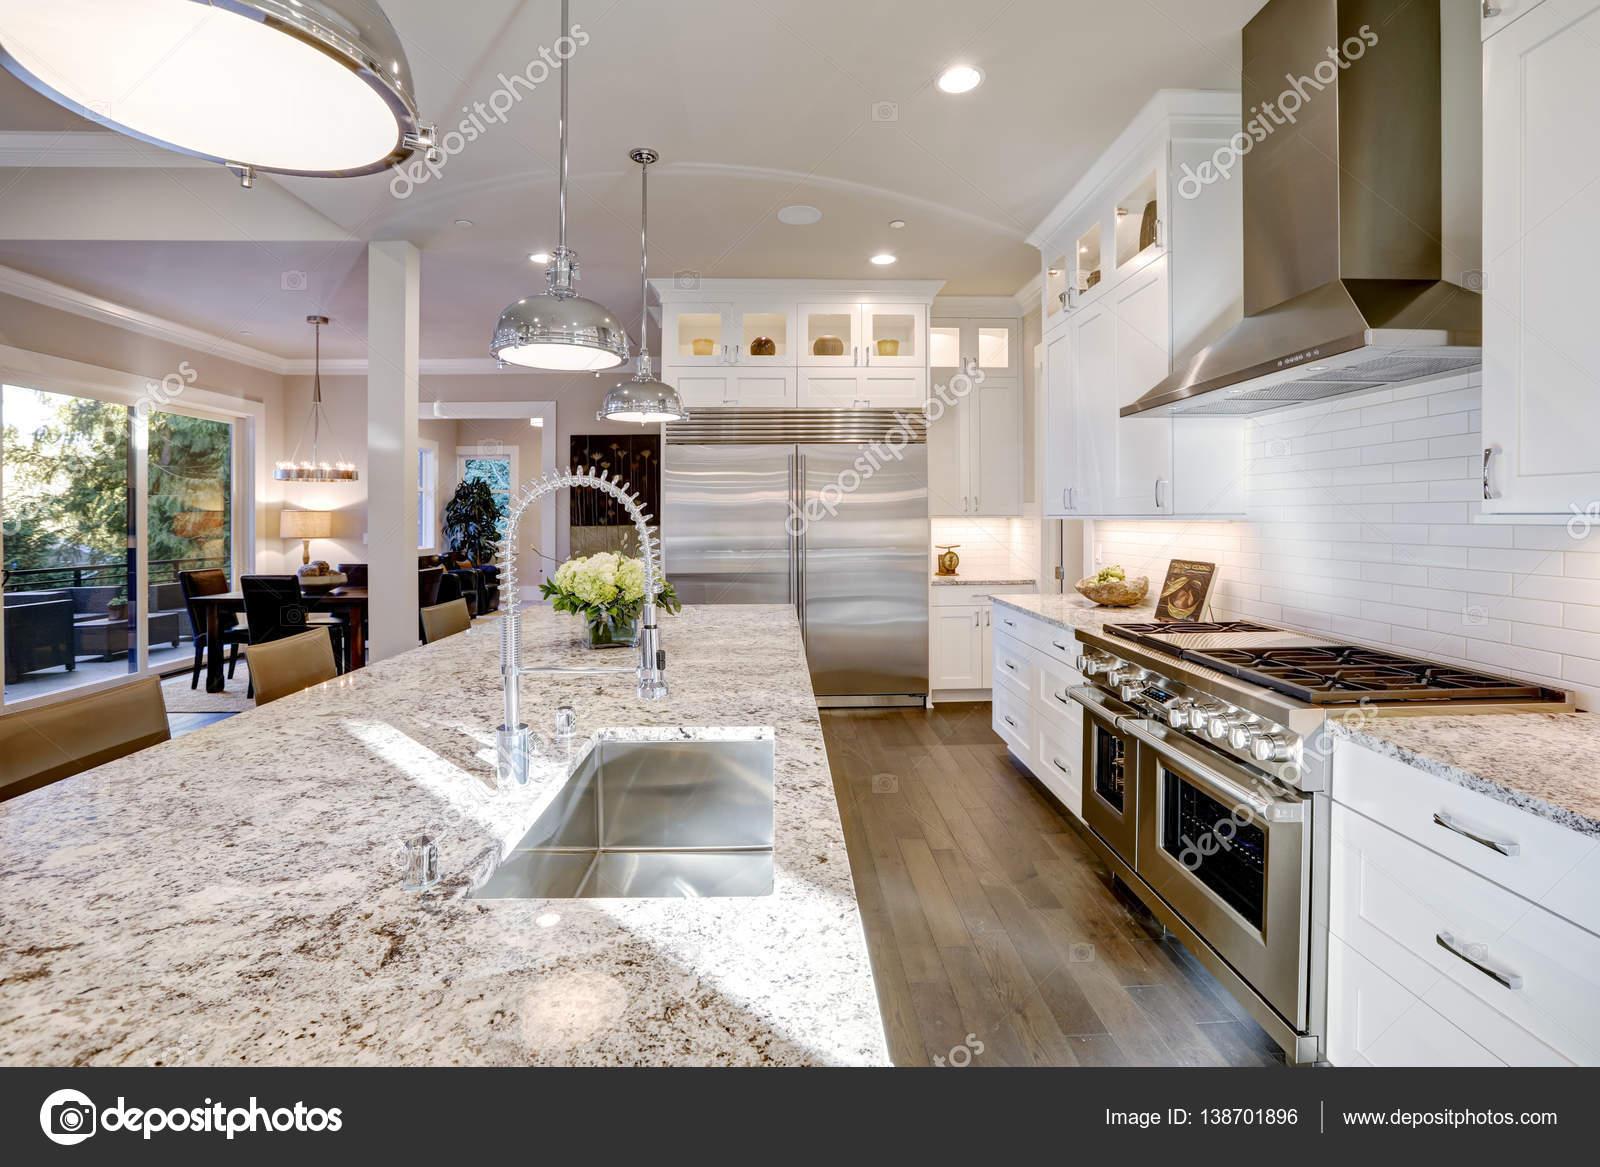 bianco design nella nuova casa di lusso ? foto stock #138701896 - Cucina Di Design Armadio Di Lusso